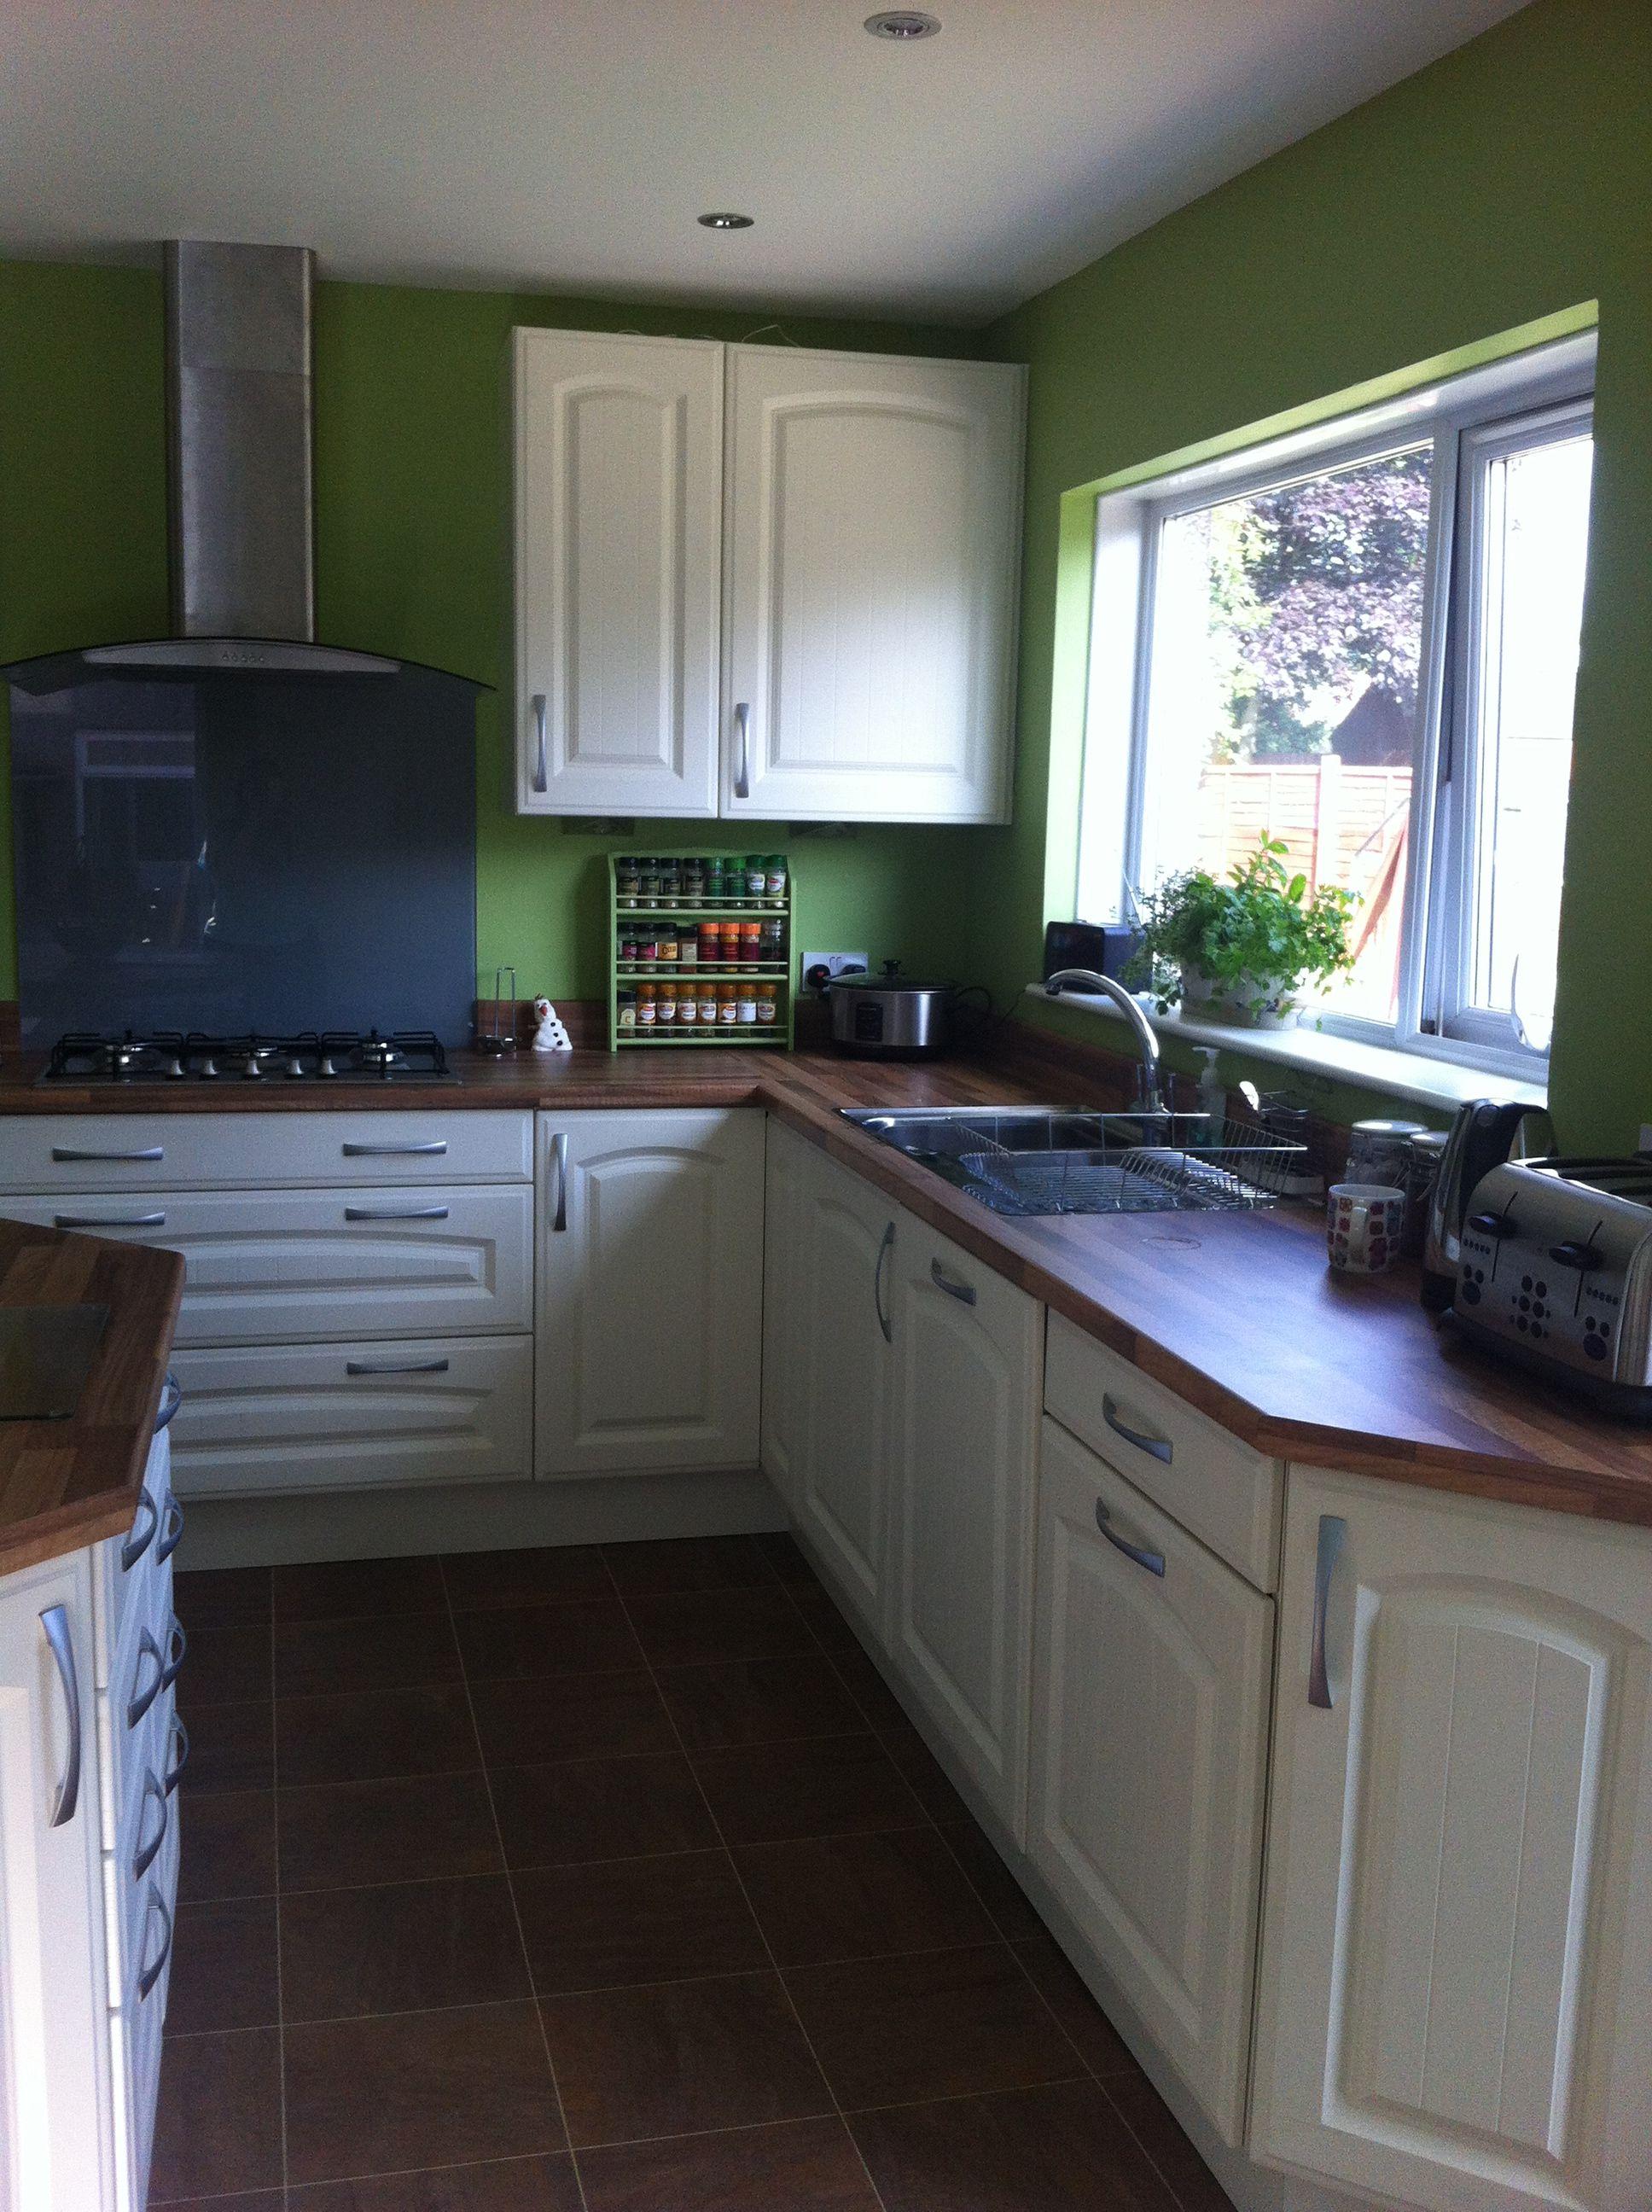 My Kitchen by Esk Kitchens Montrose, units ByBa, Olive